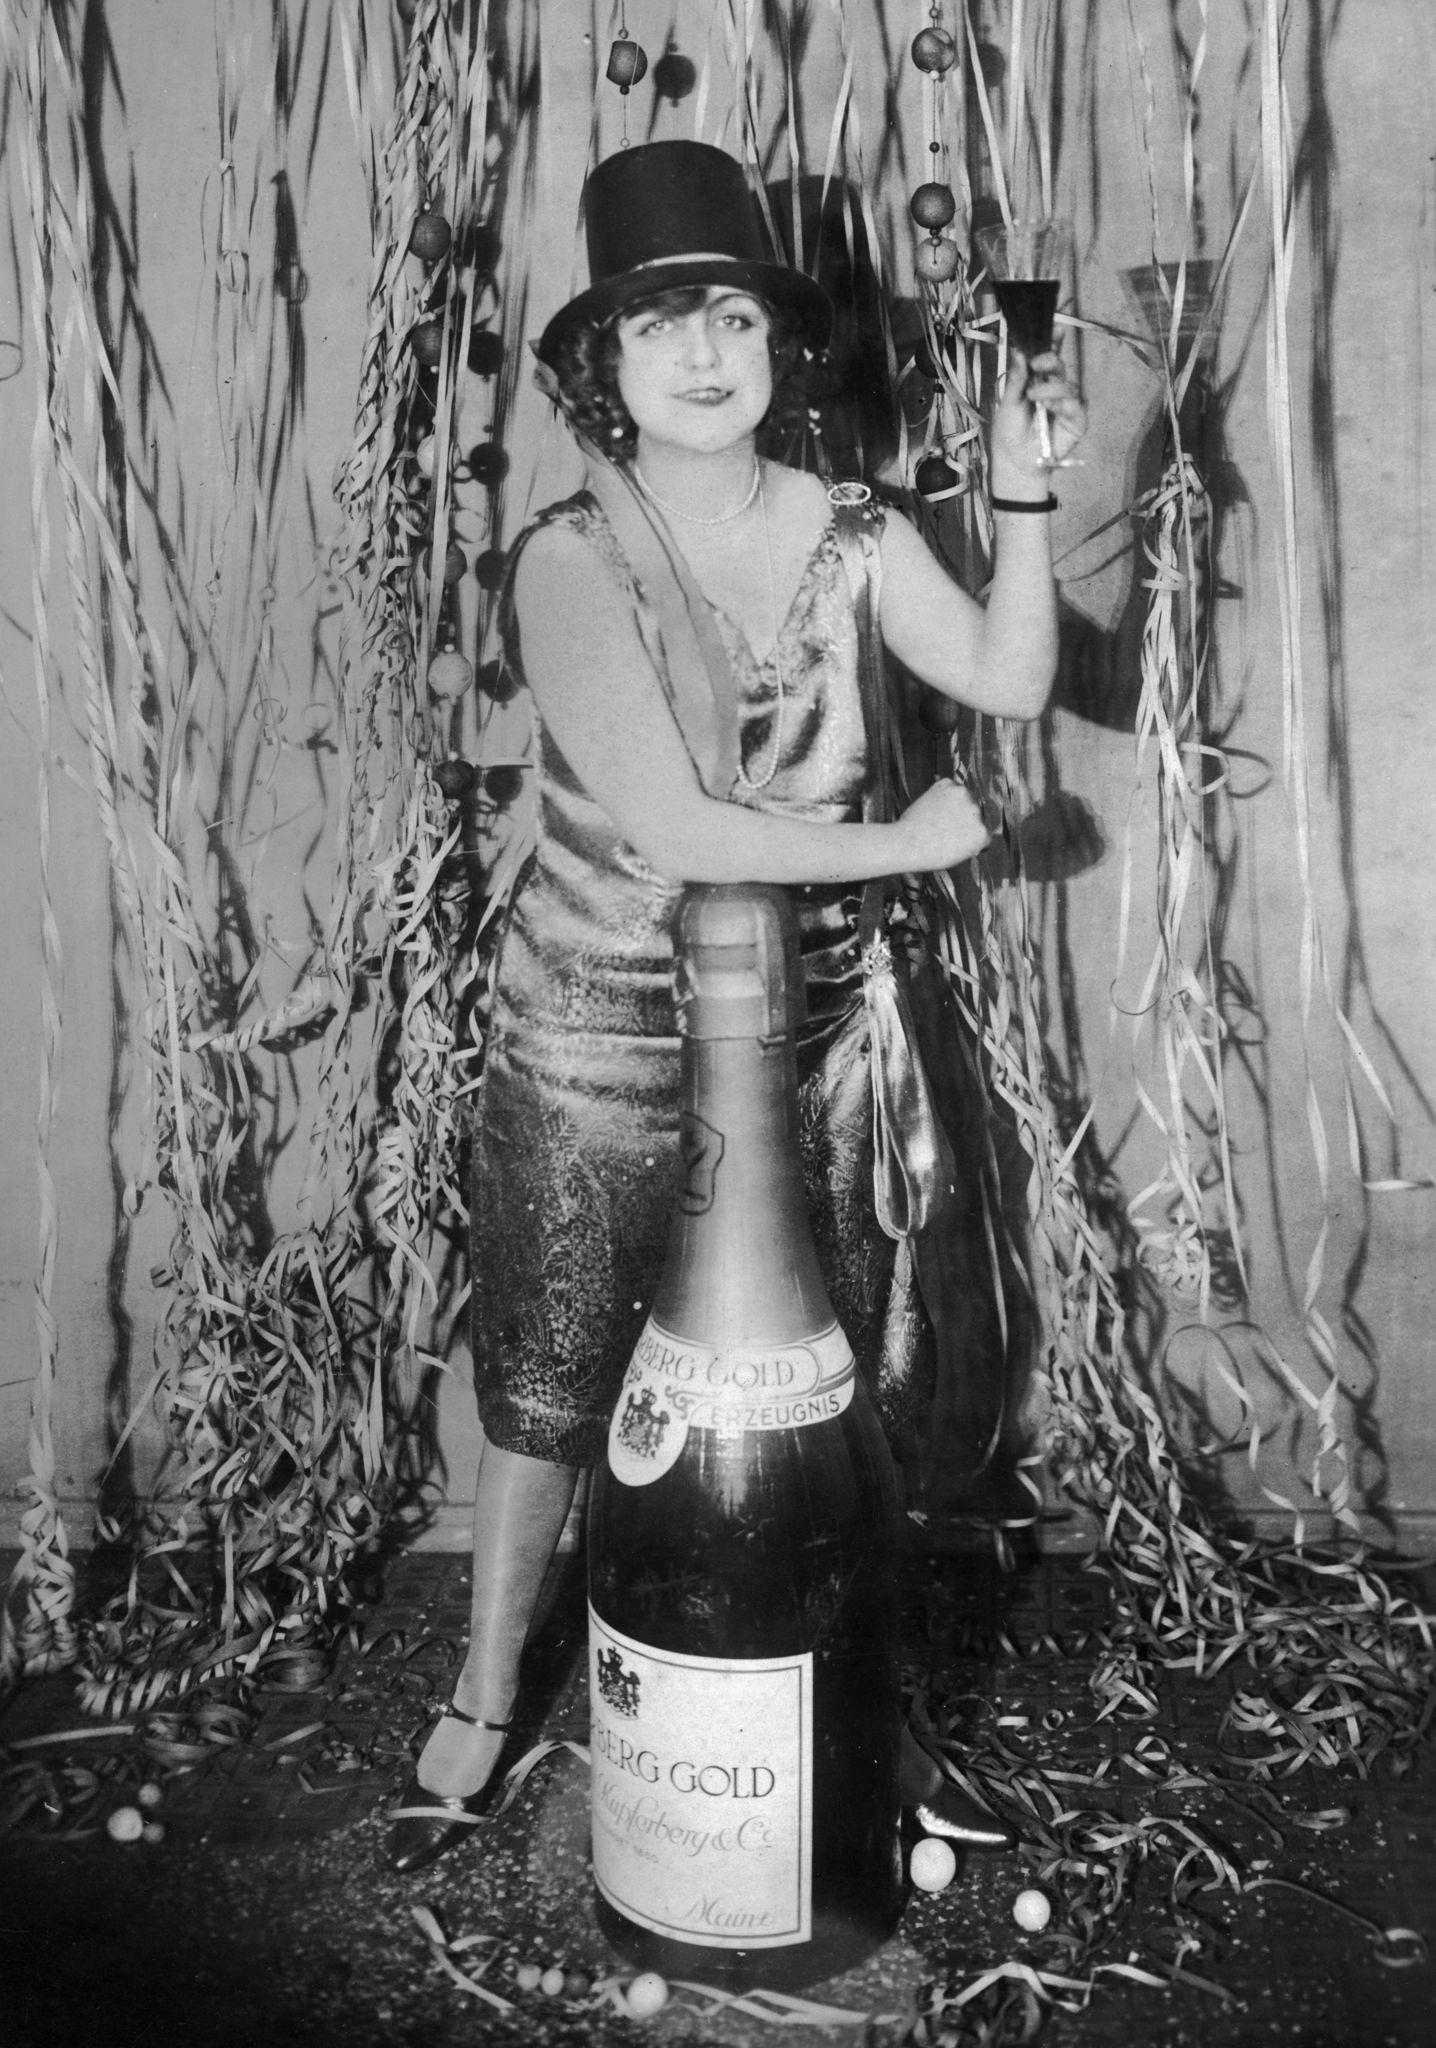 1925. Женщина на новогодней вечеринке опирается на бутылку шампанского большого размера., Германия.jpg